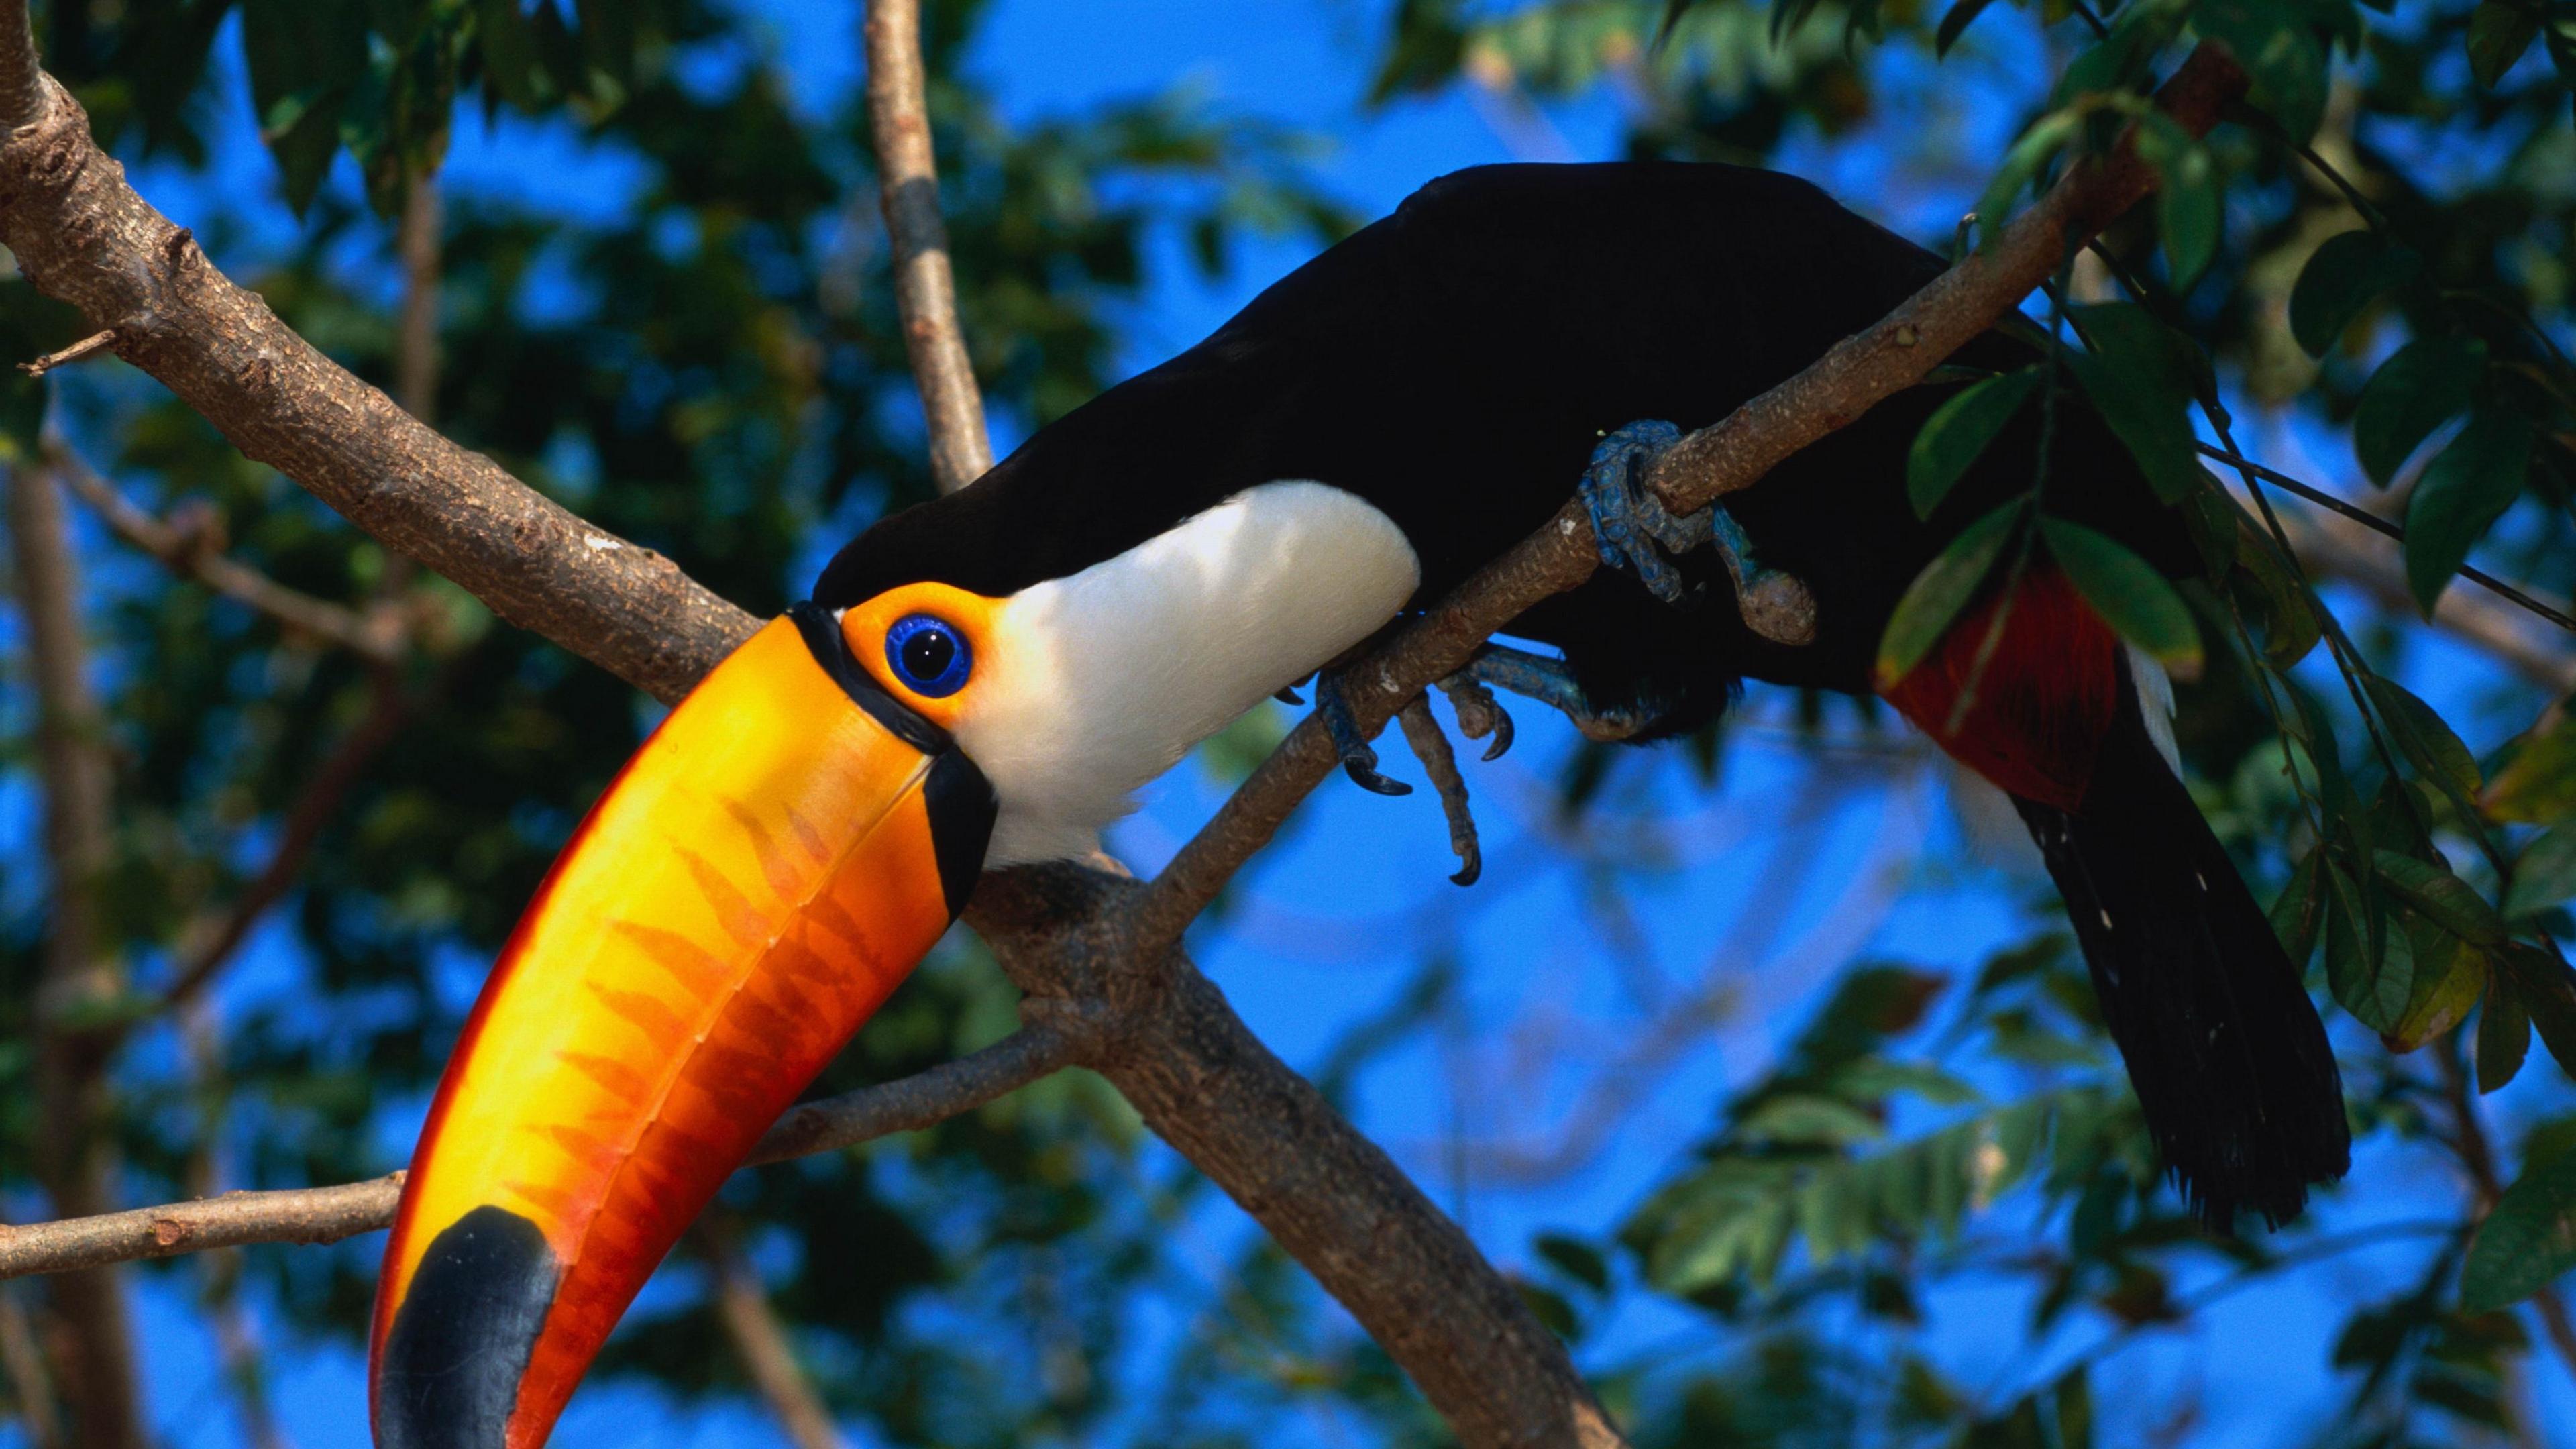 toucan tree beak color 4k 1542242816 - toucan, tree, beak, color 4k - tree, Toucan, beak